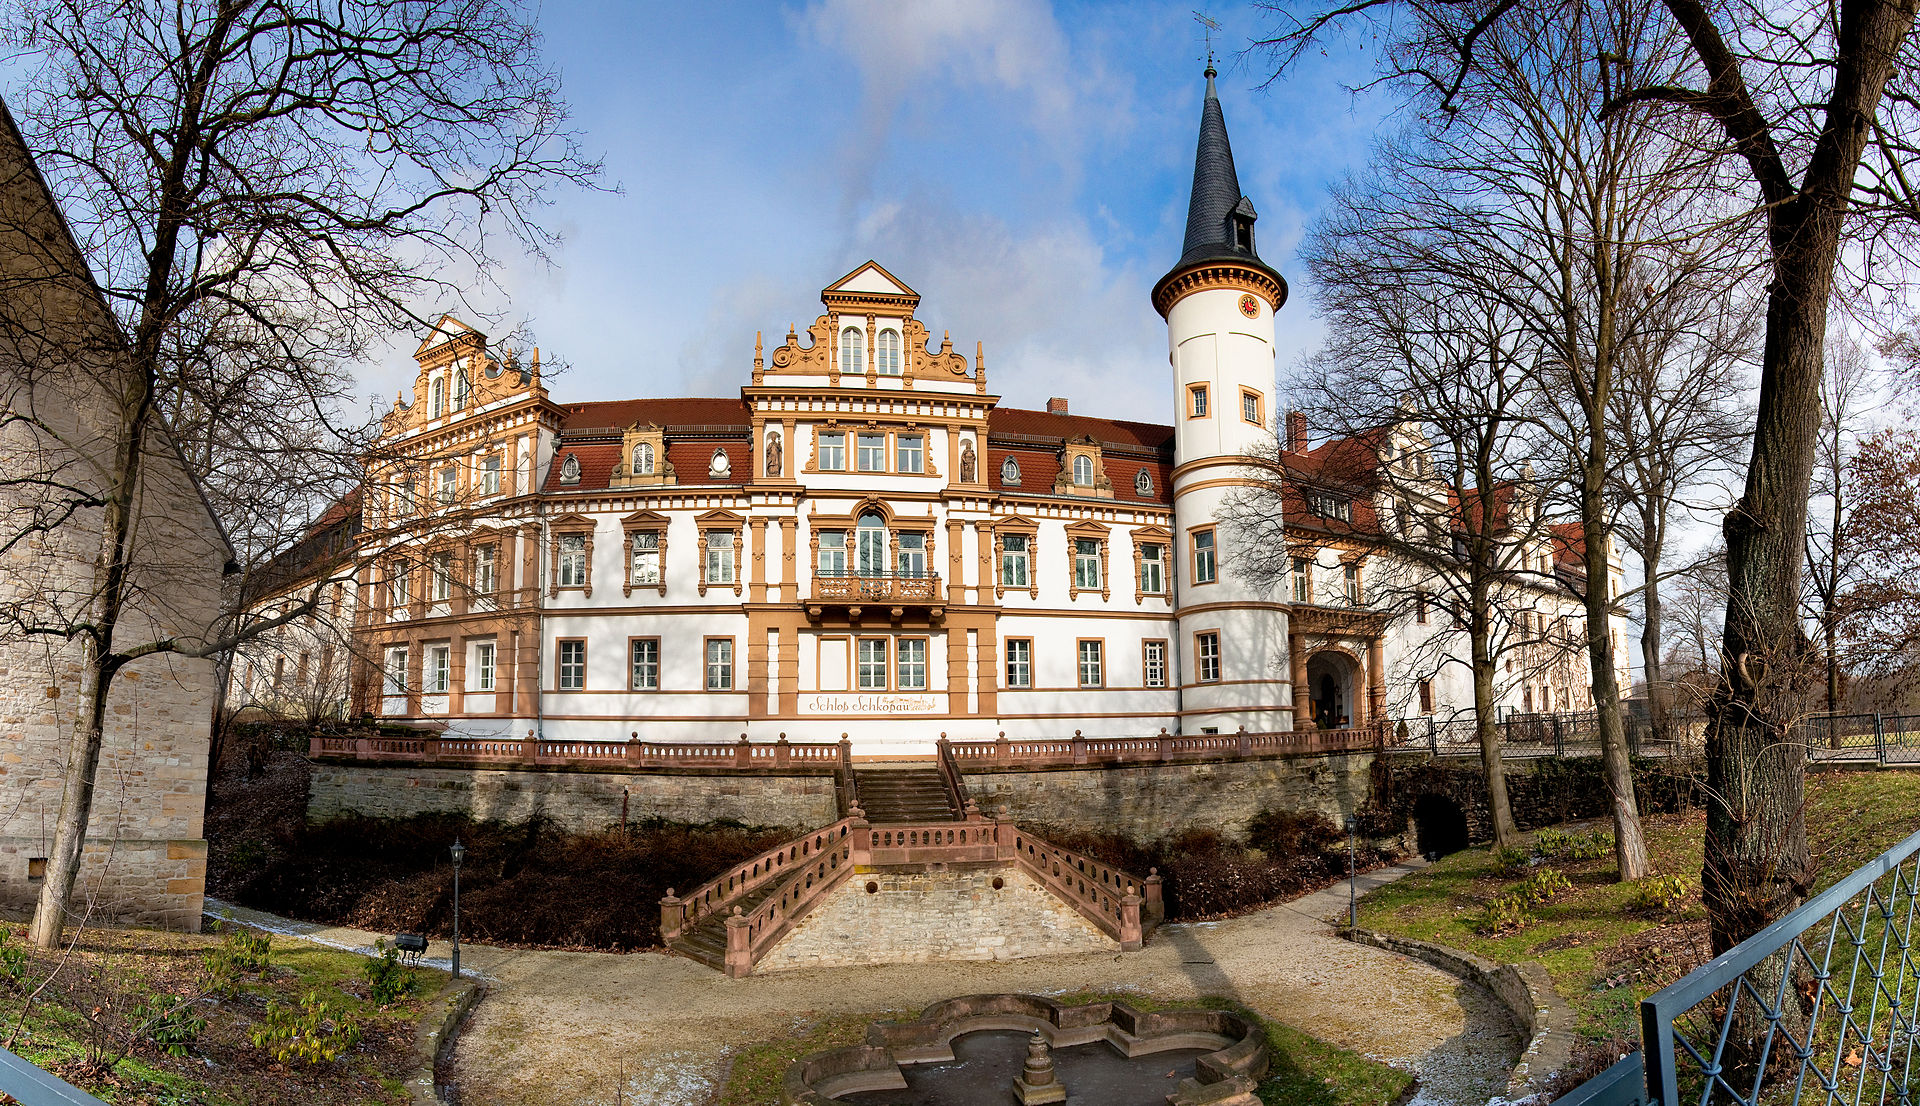 Bild Schloss Schkopau